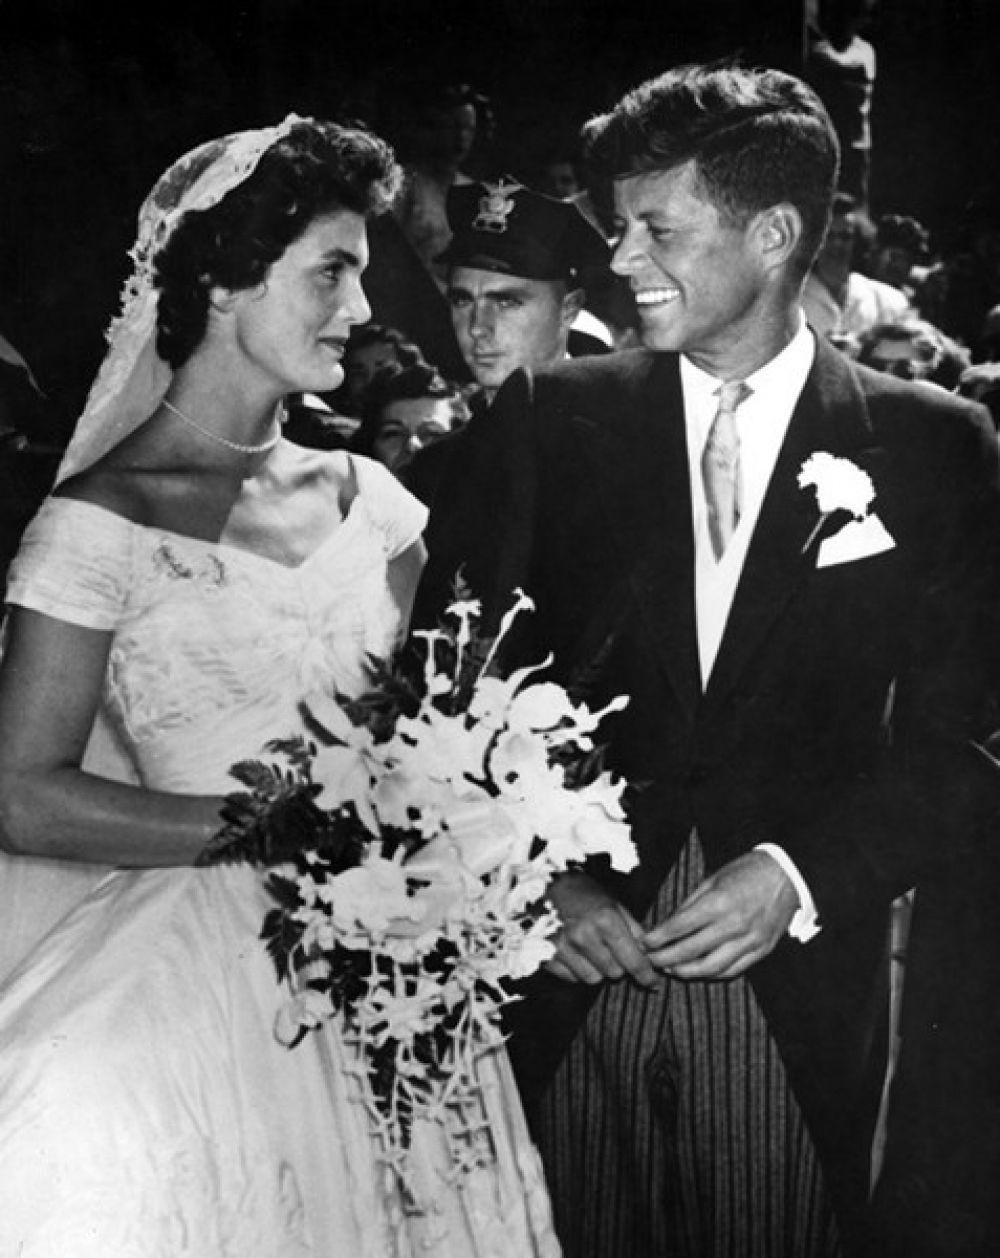 12 сентября 1953 года в церкви Святой Марии в Ньюпорте отгремела свадьба Джона Ф. Кеннеди и Жаклин Кеннеди. Платье невесты - летящее и воздушное, придумала дизайнер Энн Лоу, а сама Жаклин стала законодательницей моды, вернув фасону платьев в пол популярность в ту эпоху, когда на пике моды были платья по щиколодку и с ярко выраженной талией.